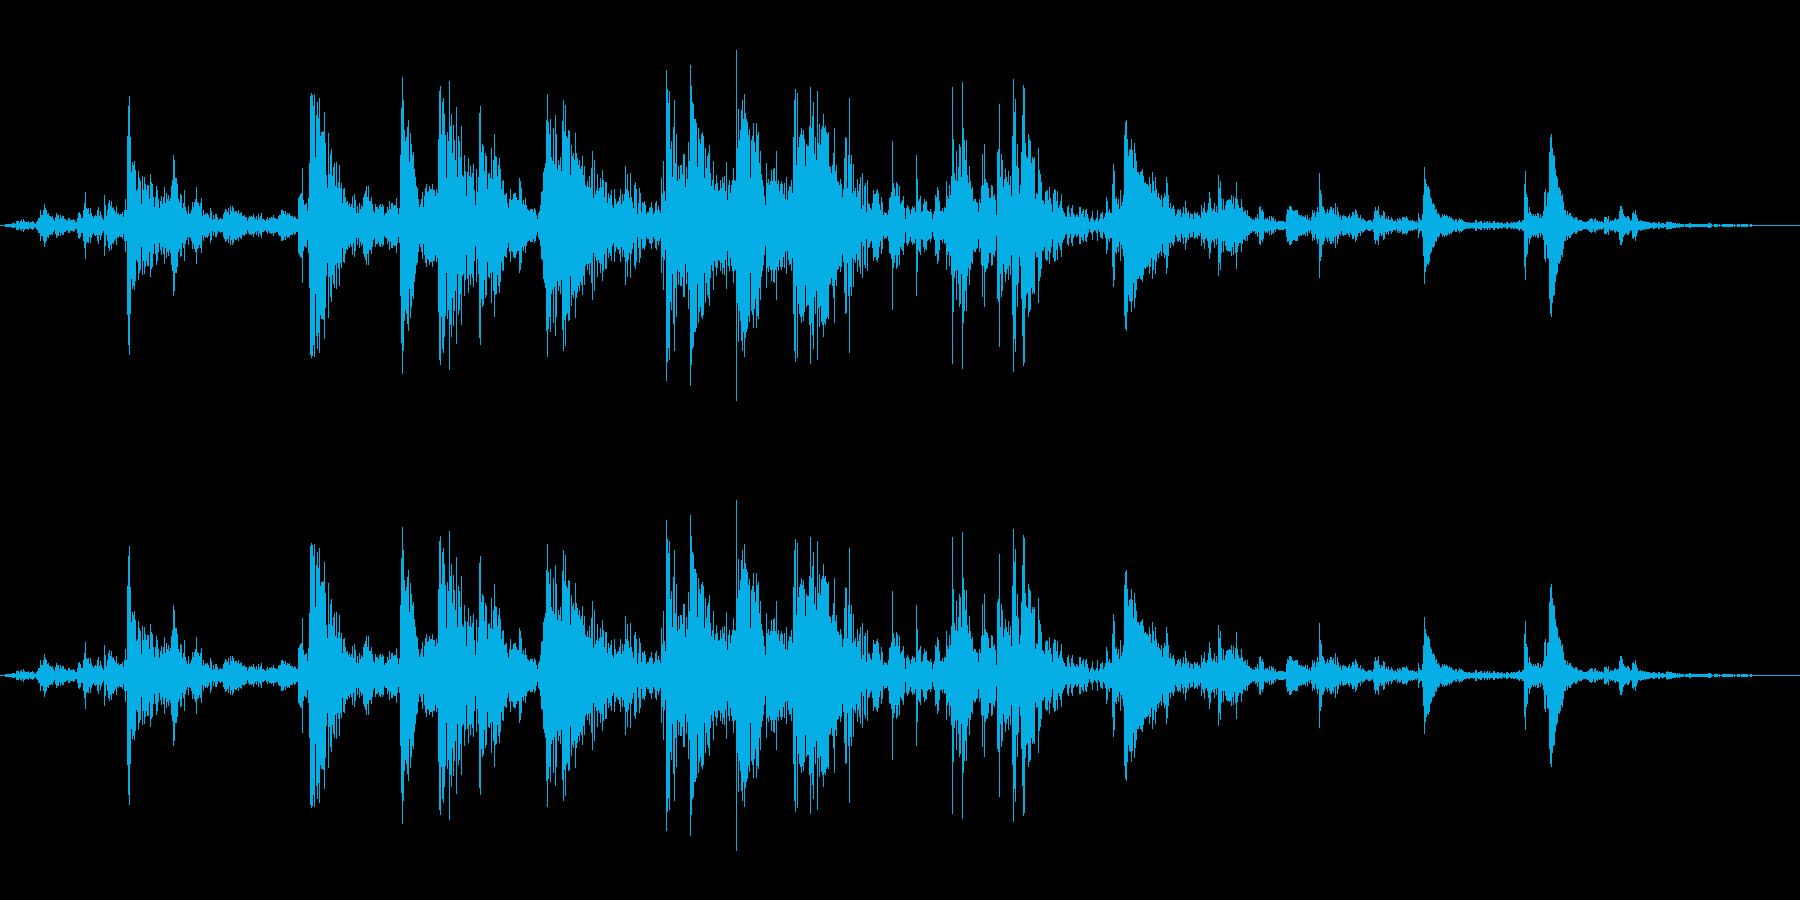 氷を入れる音(カランカラン)の再生済みの波形